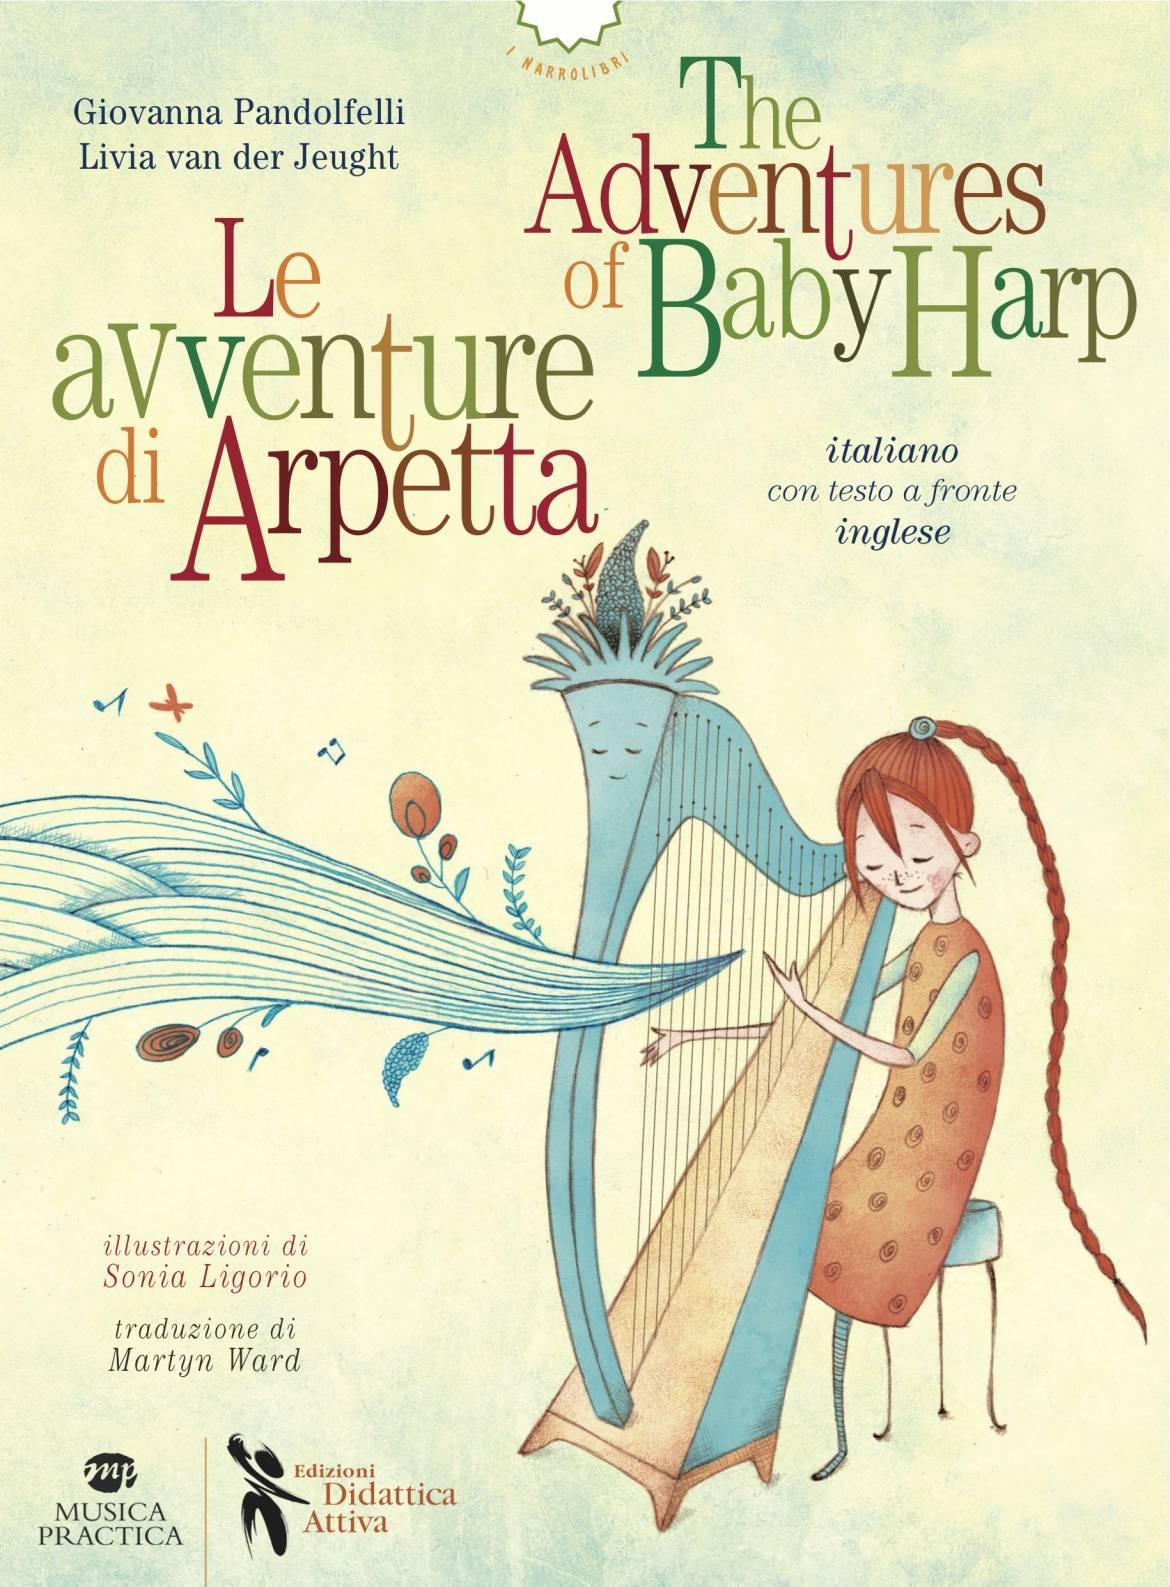 DA41_Avventure-Arpetta-IT-EN_cover-RGB.jpg